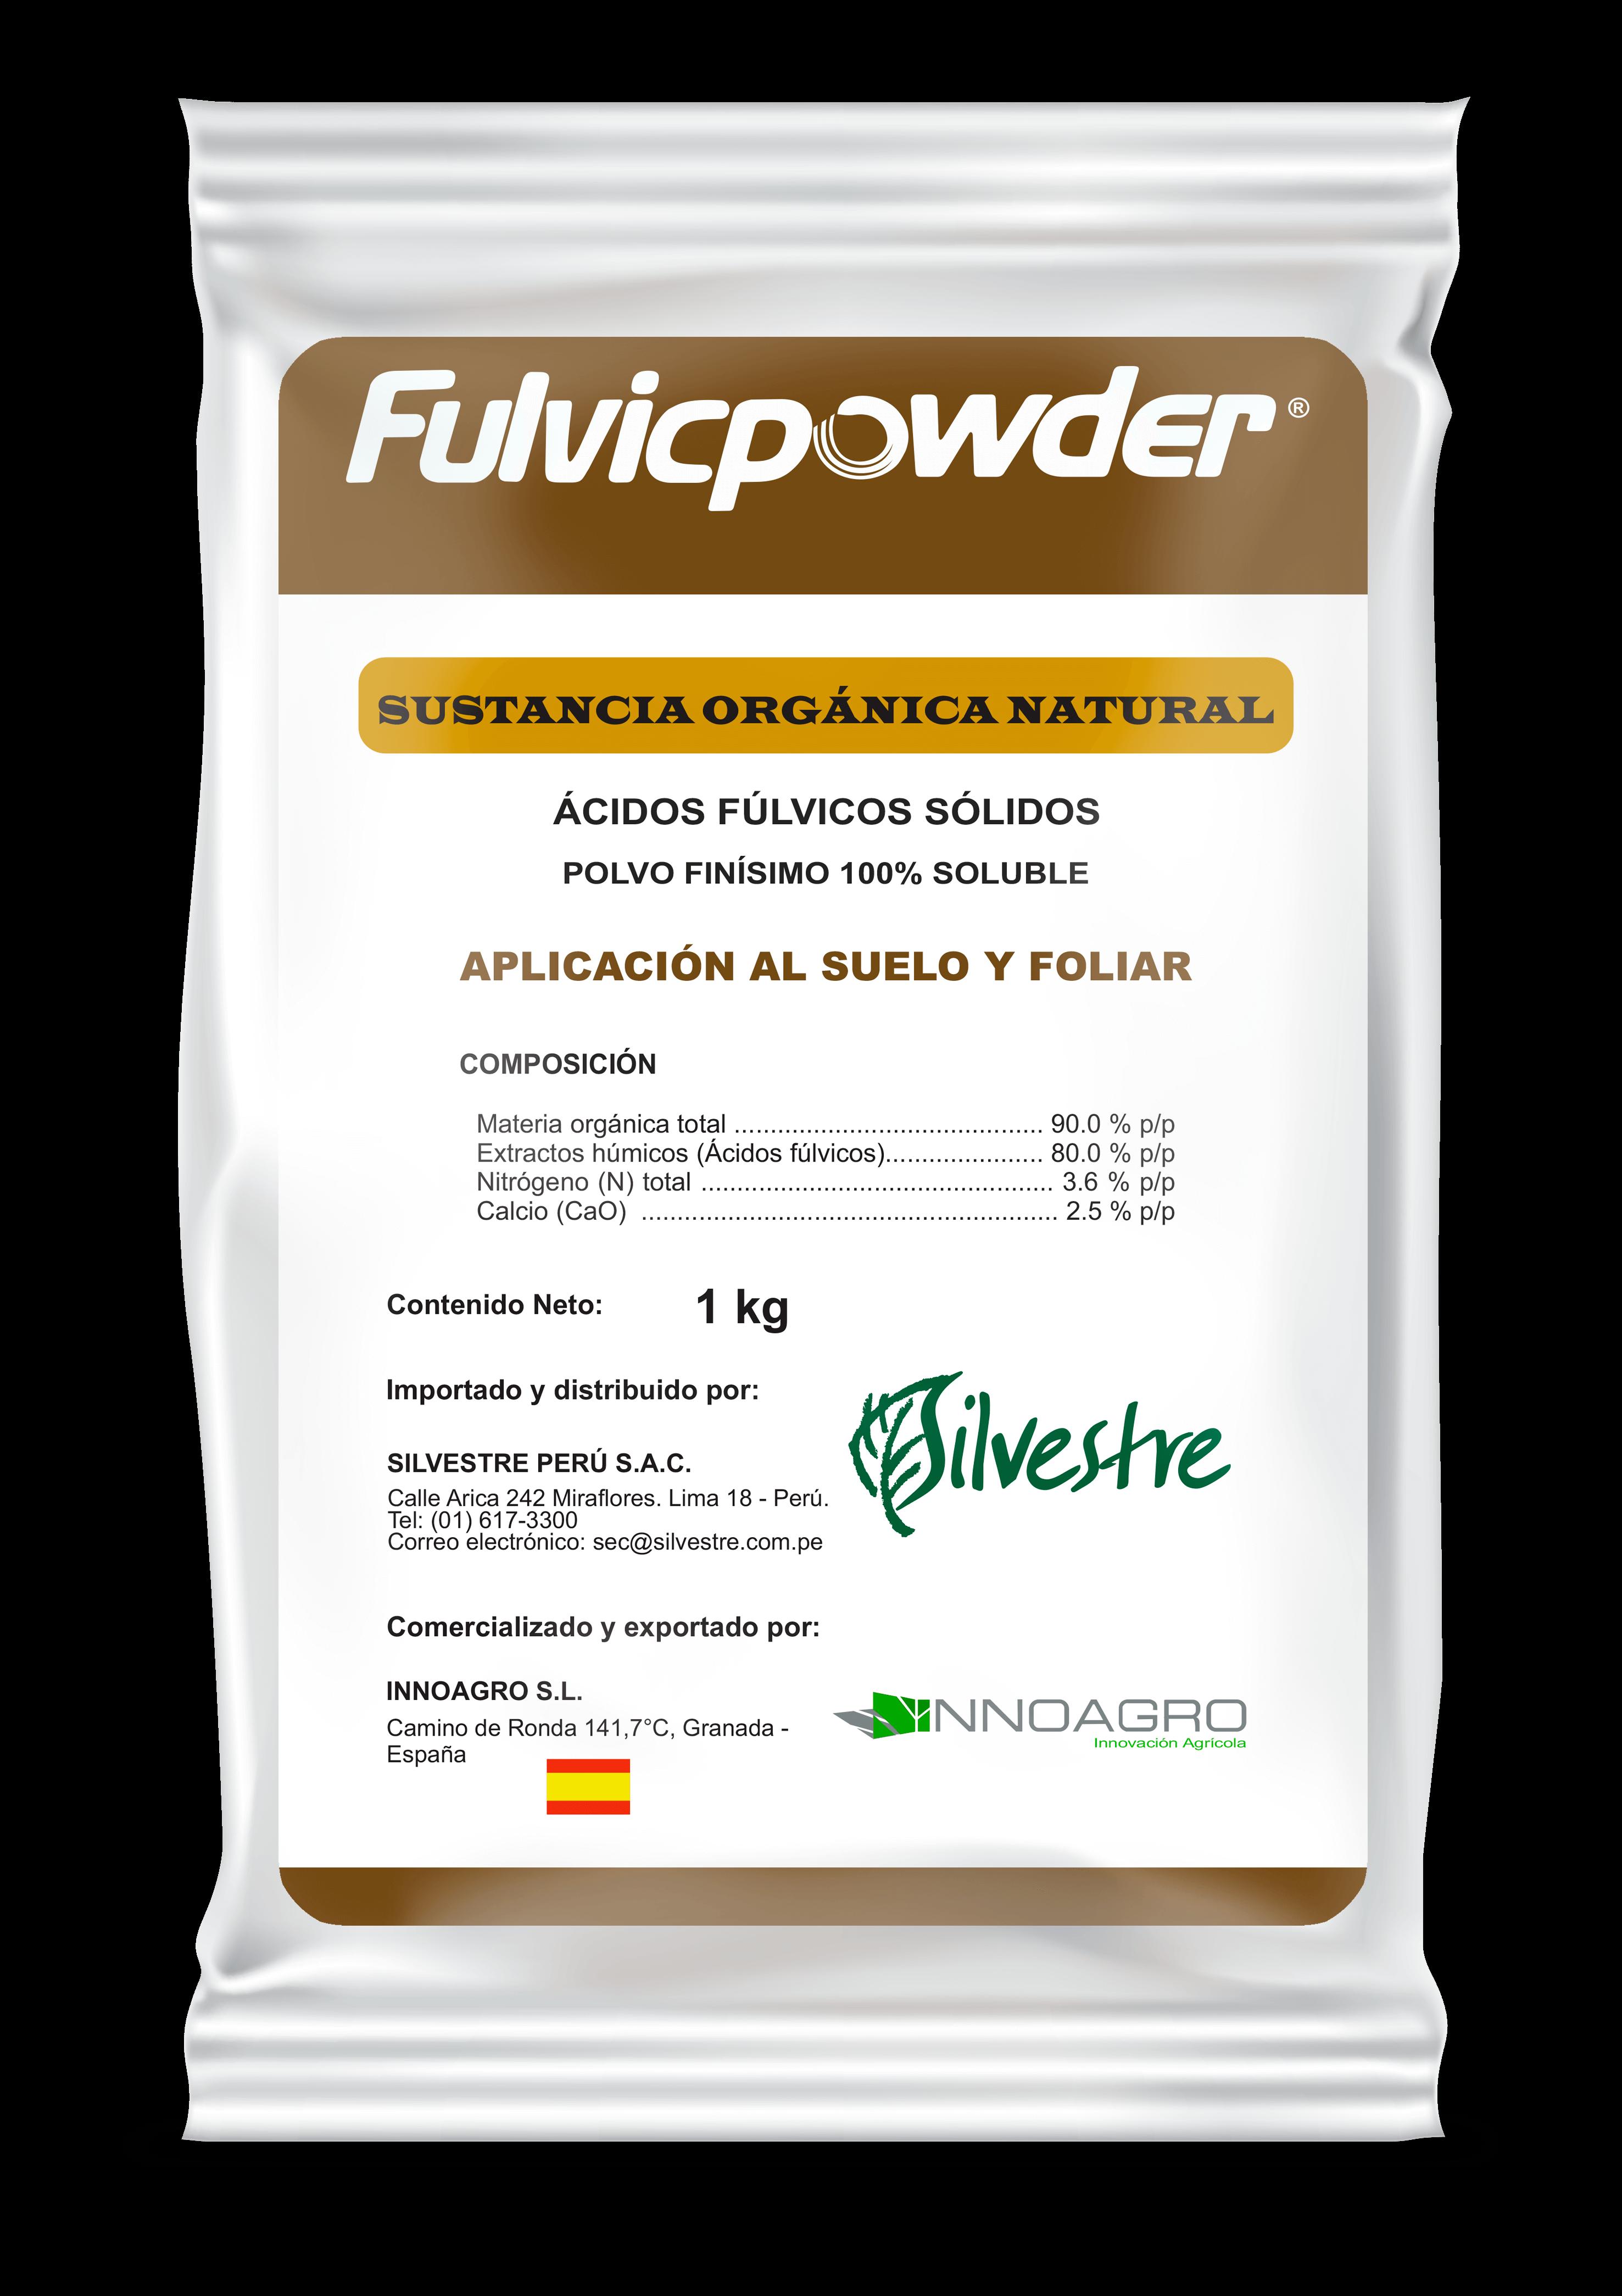 Fulvicpowder